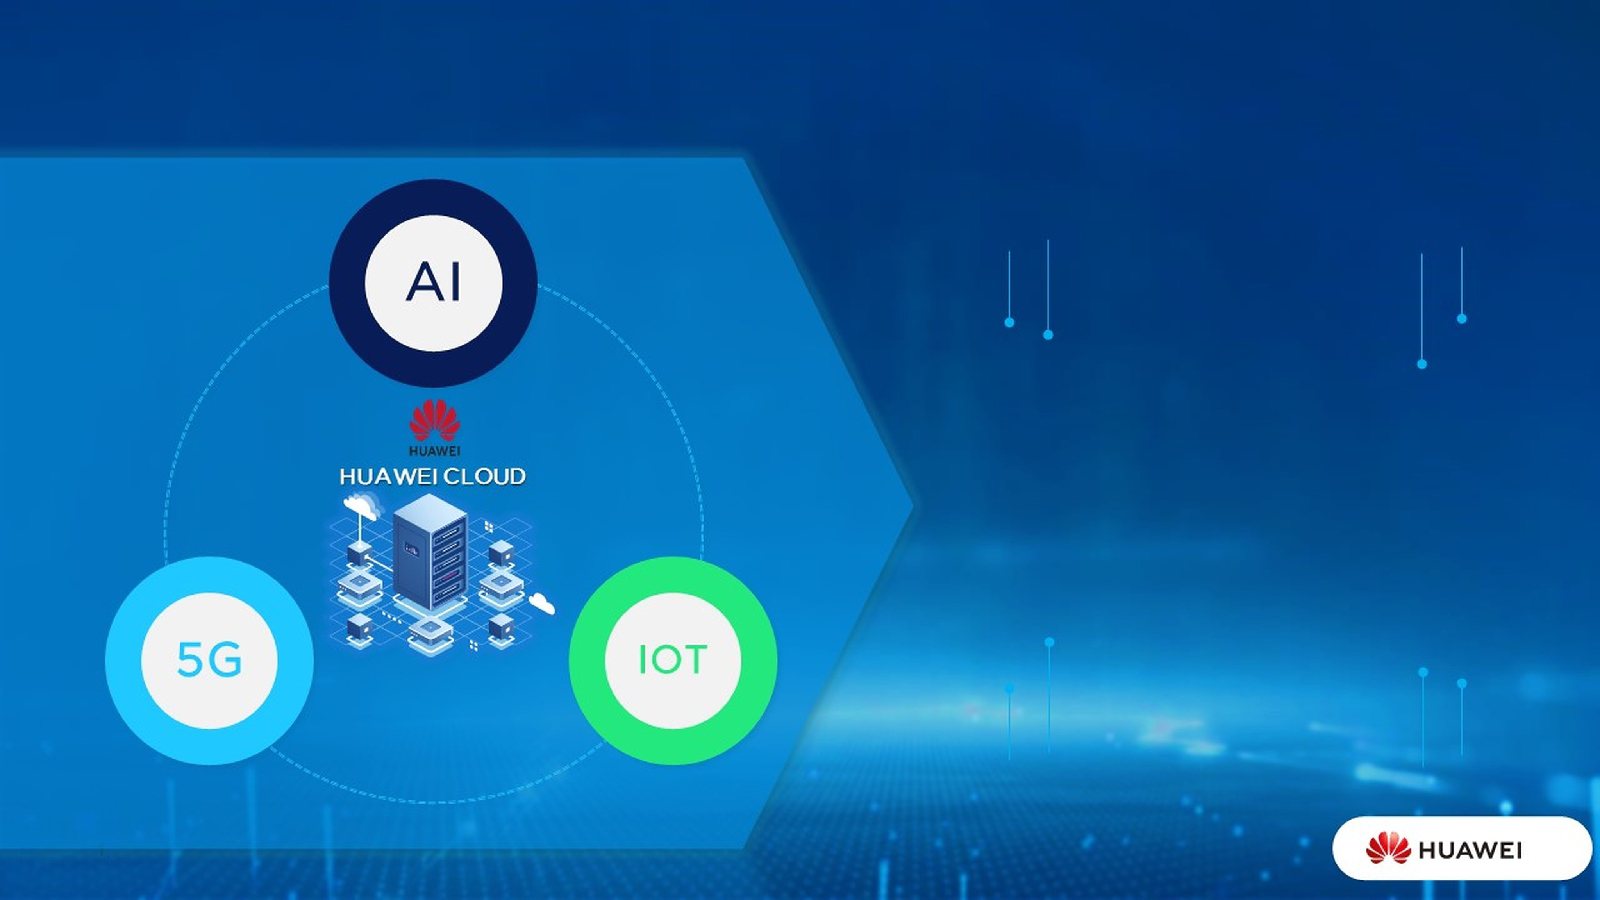 สร้าง Smart Business เสริมธุรกิจไทยเพื่ออนาคตด้วยเทคโนโลยี Cloud, AI, IoT ครบวงจร